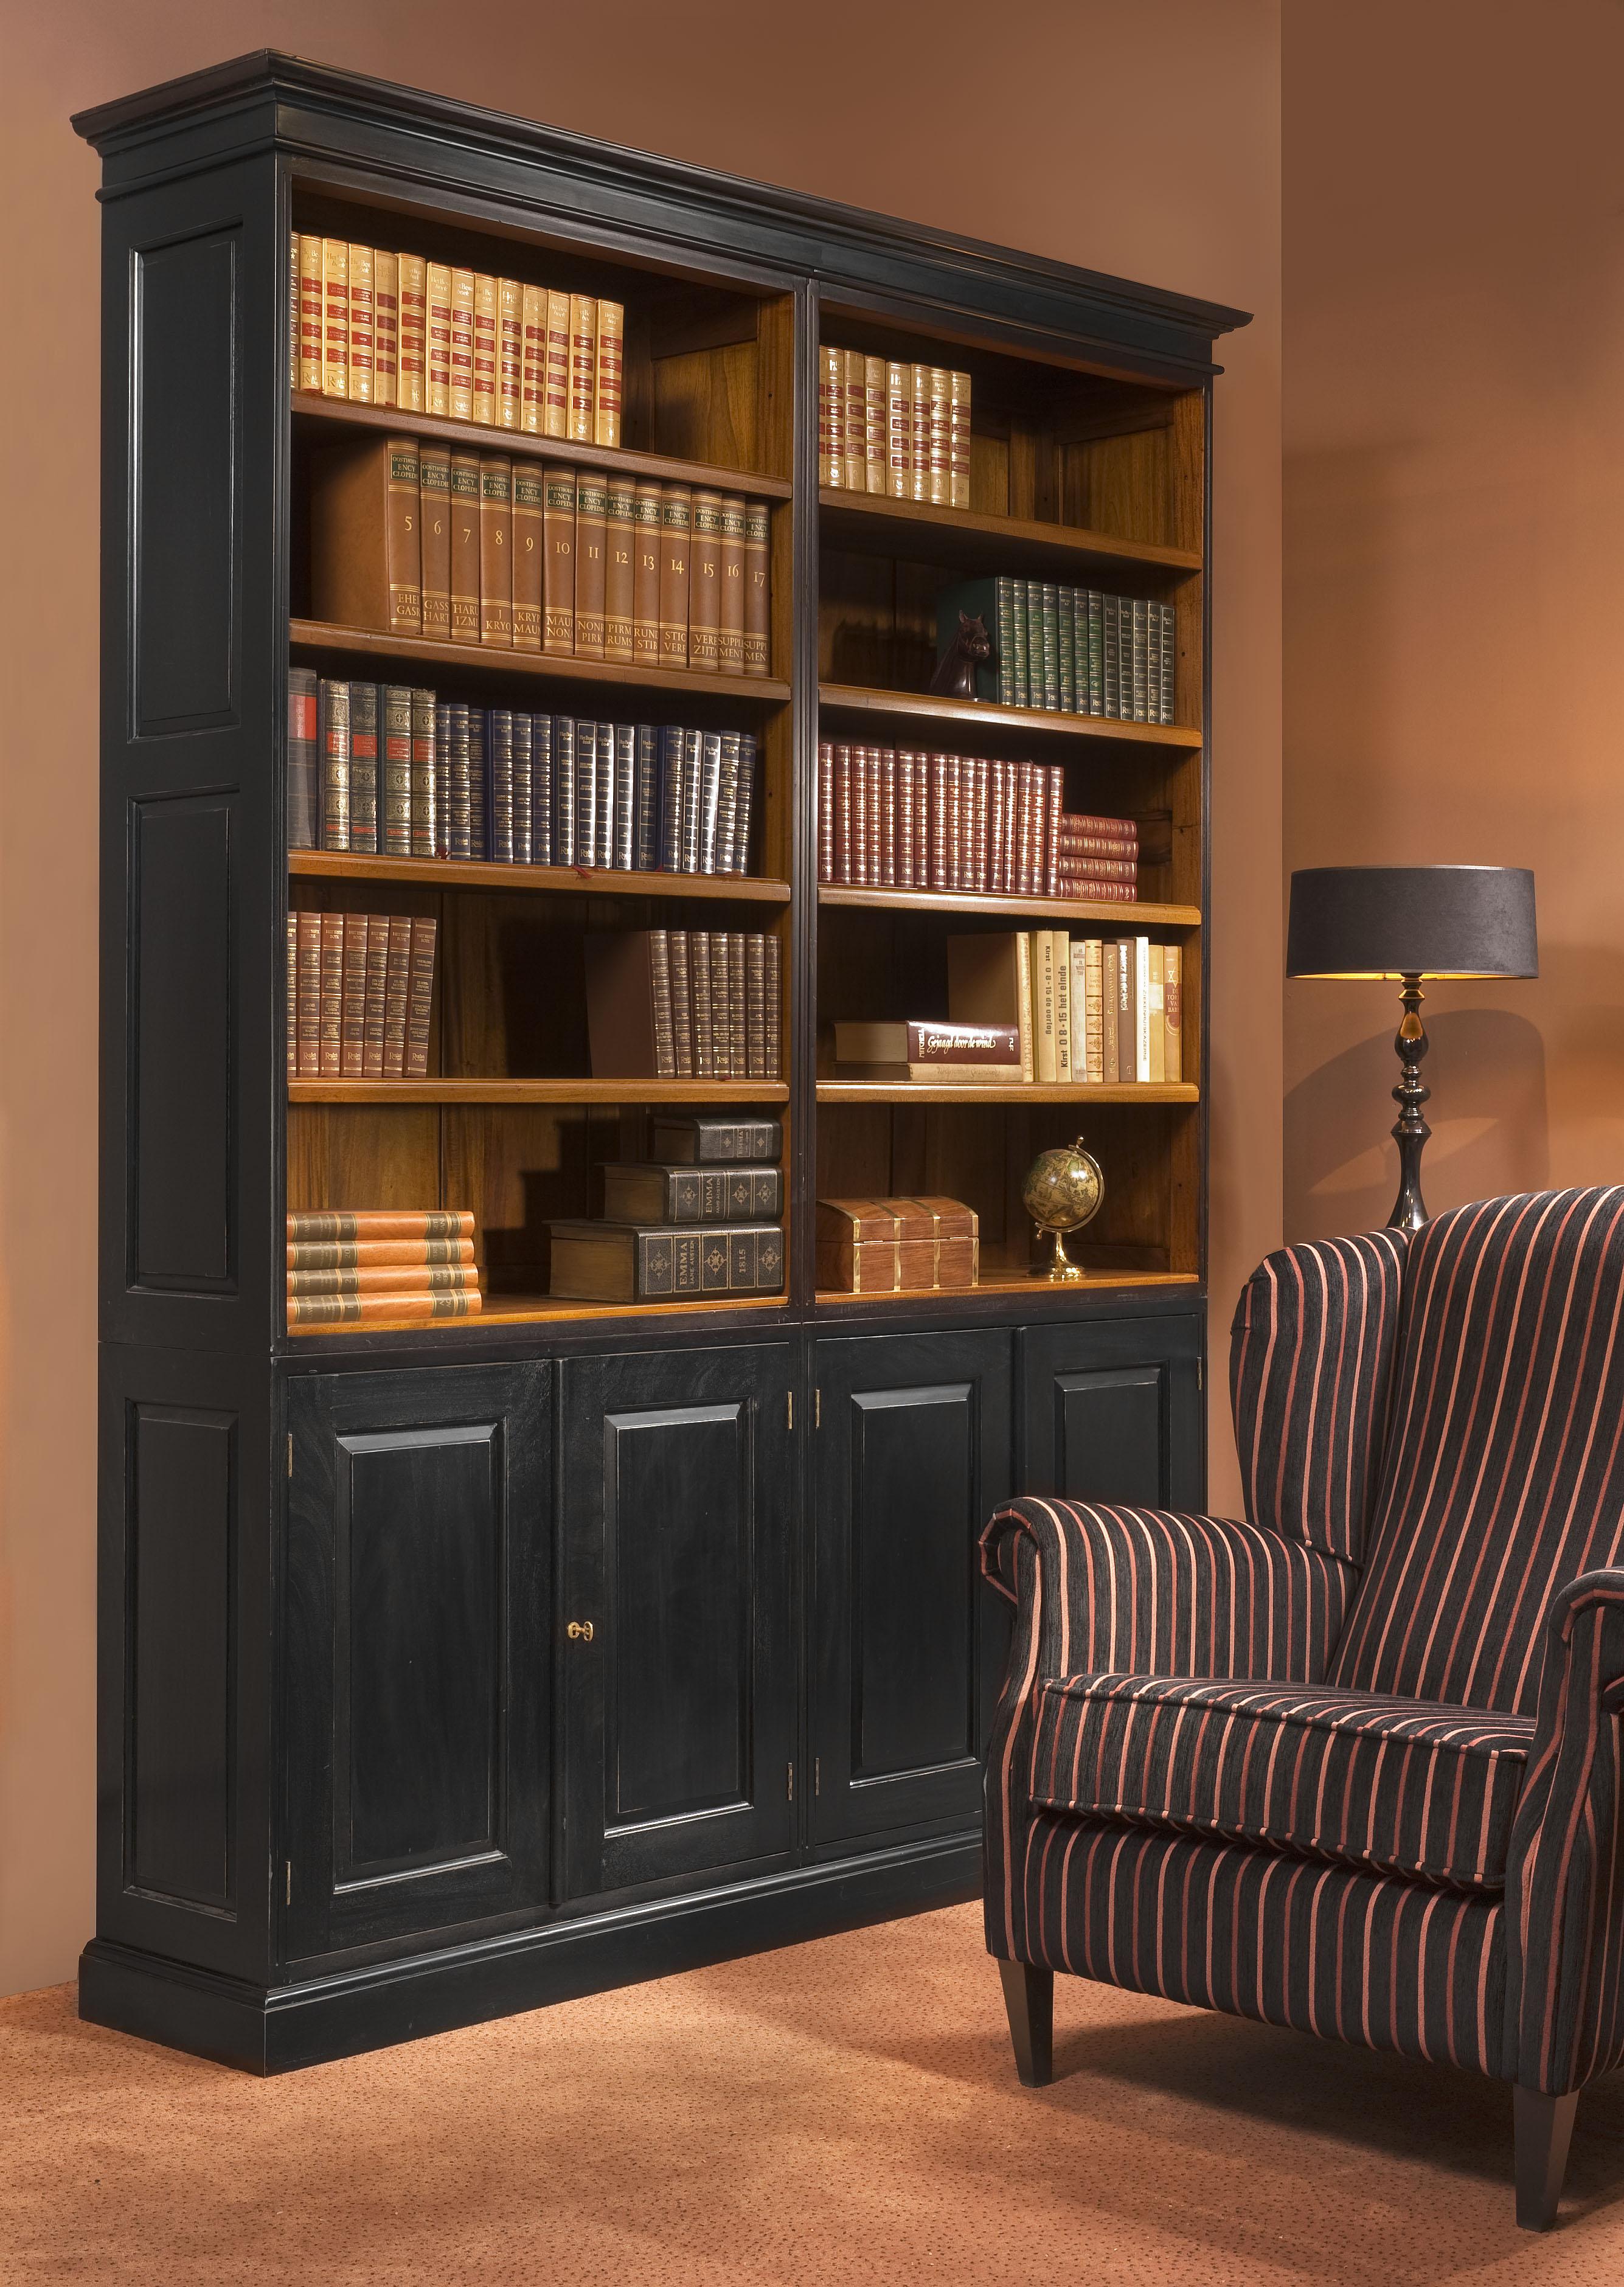 Aanbevolen 4199 moderne notenhouten meubels afbeelding foto beste voorbeelden afbeeldingen - Moderne boekenkast ...